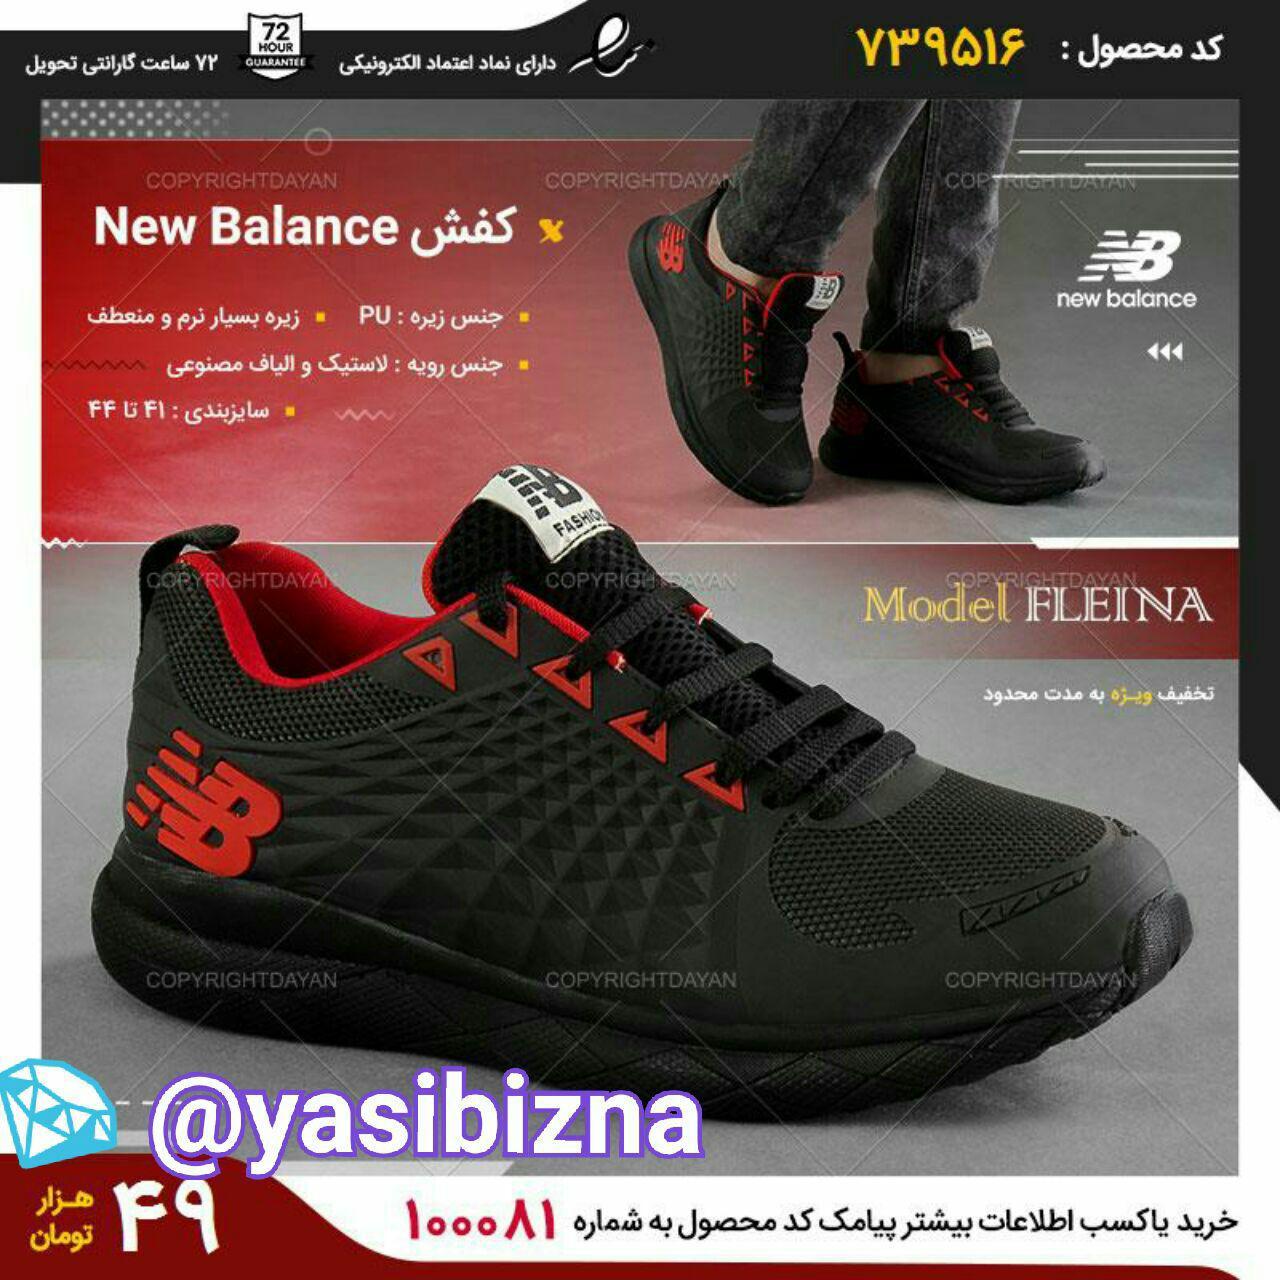 کفش مردانه New Balance مدل Fleina(مشکی)